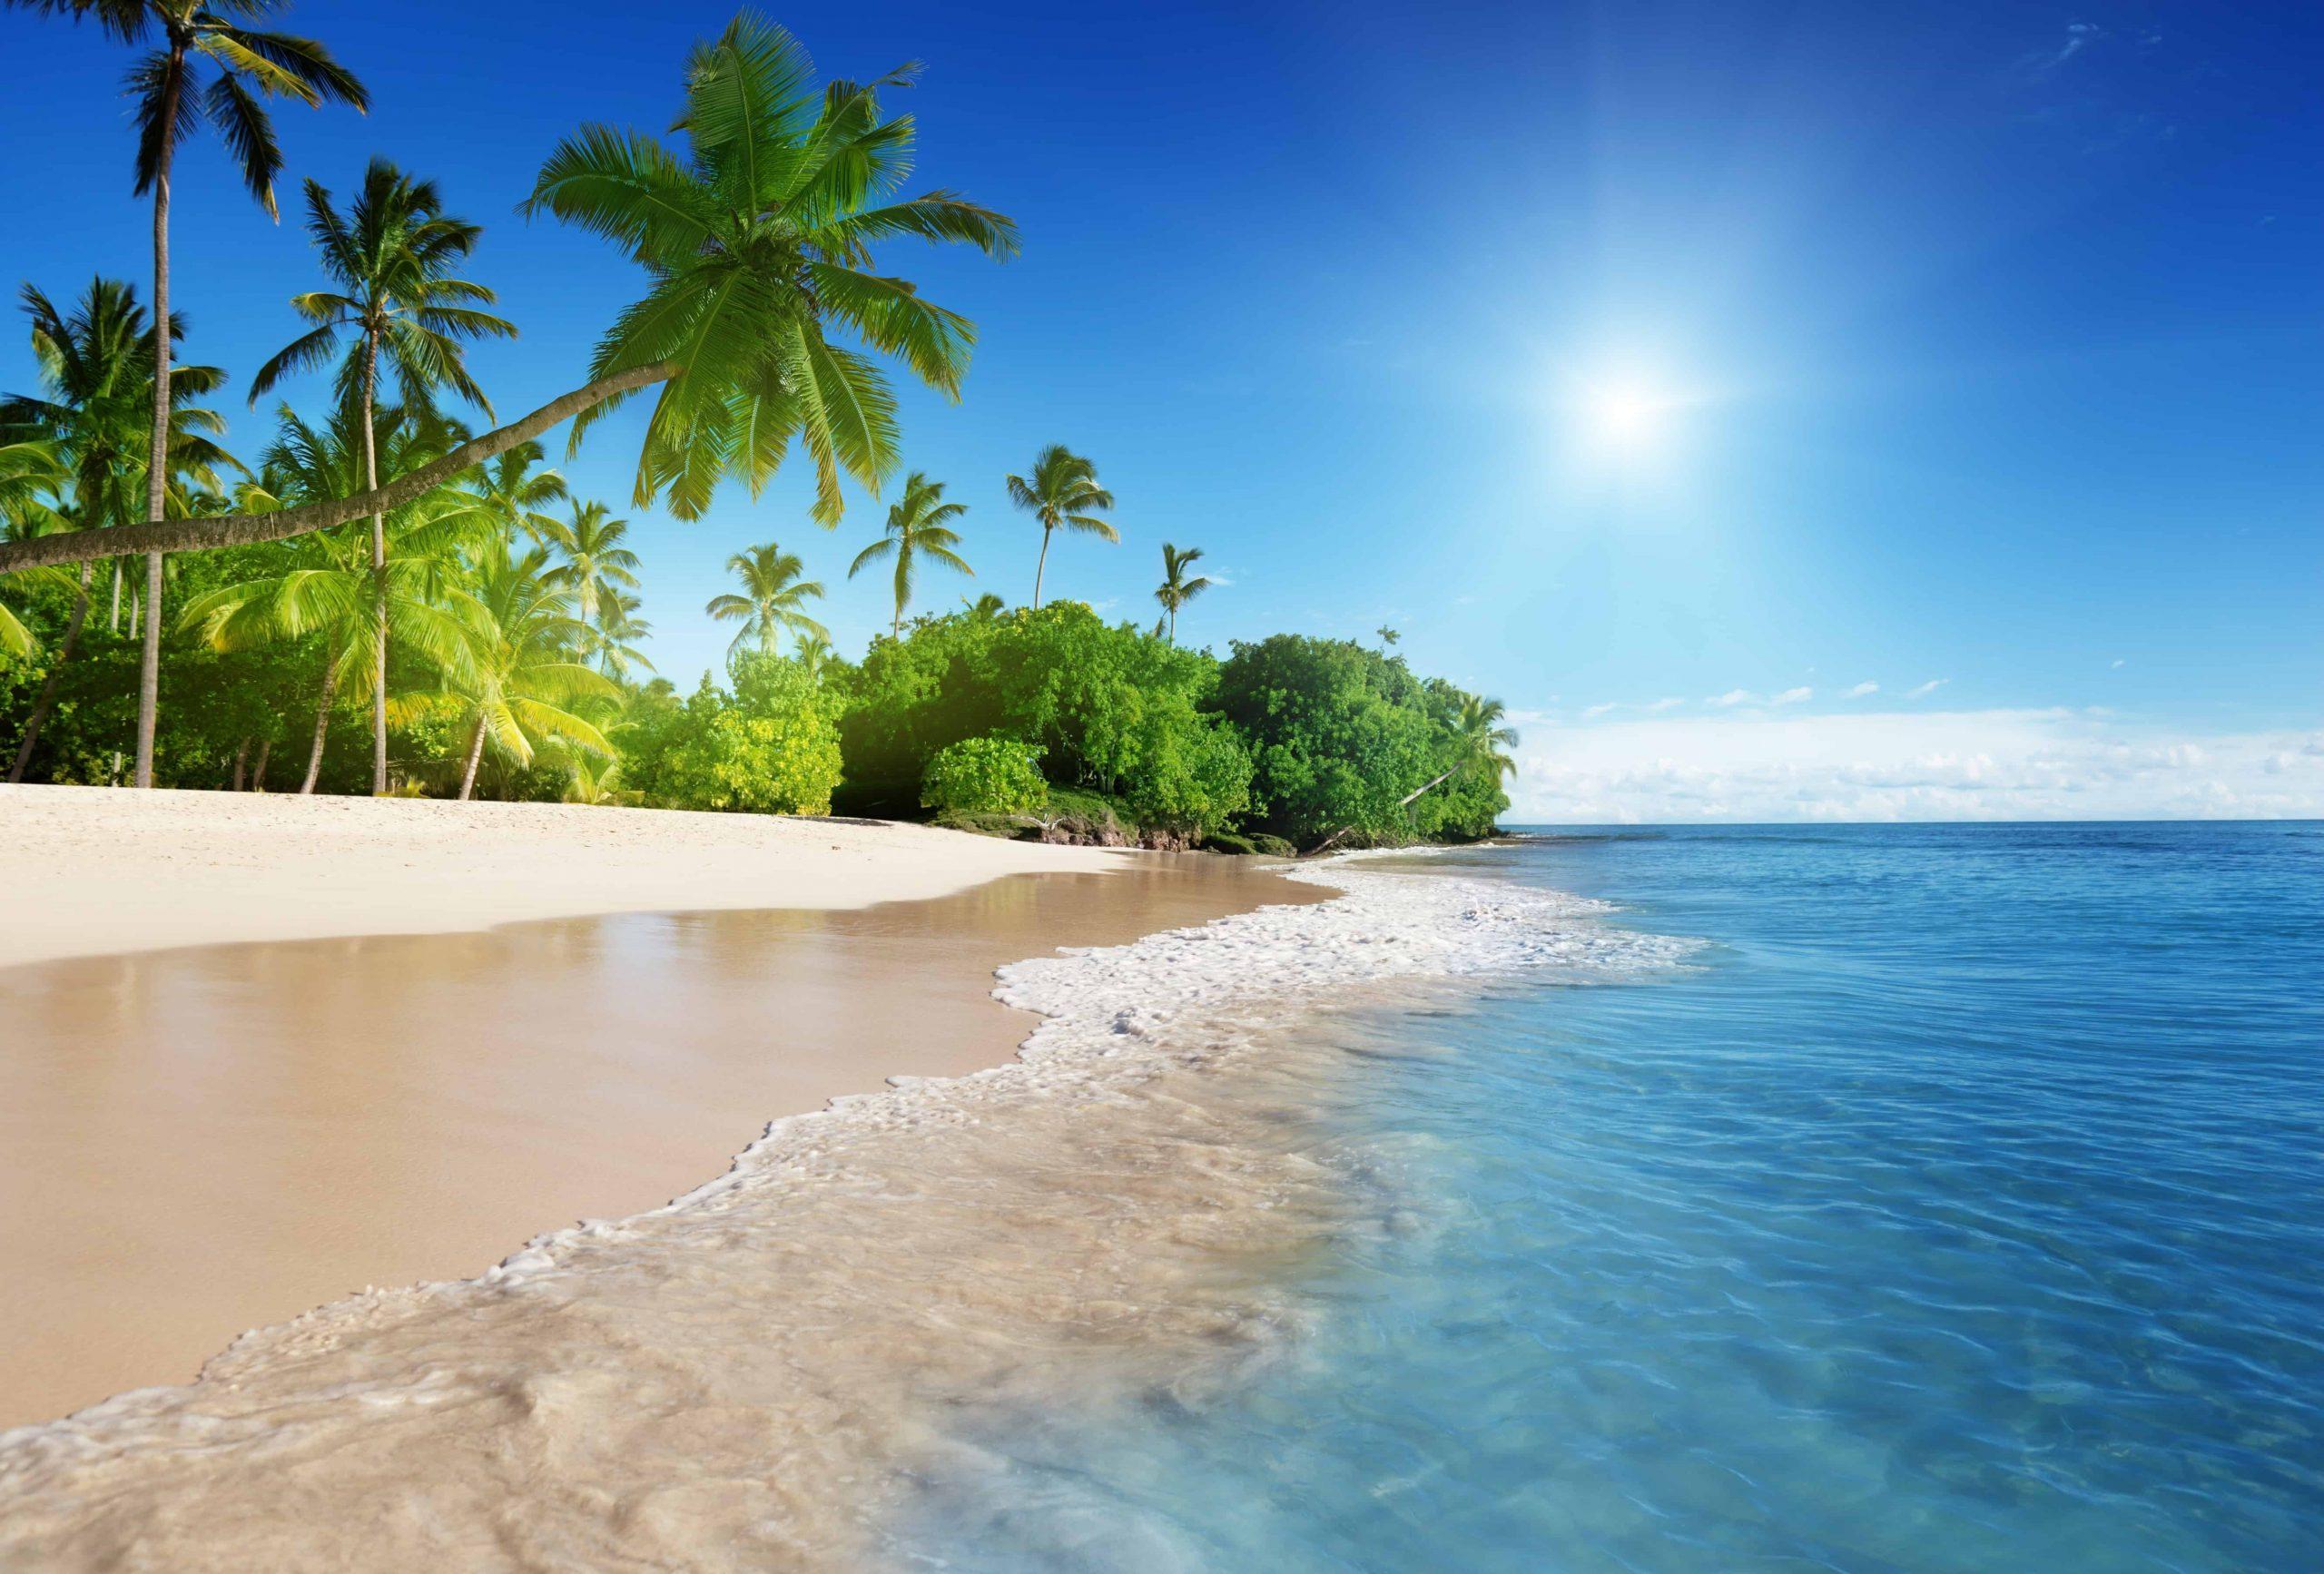 Rundreise Karibik: Empfehlungen & Vergleich (04/21)